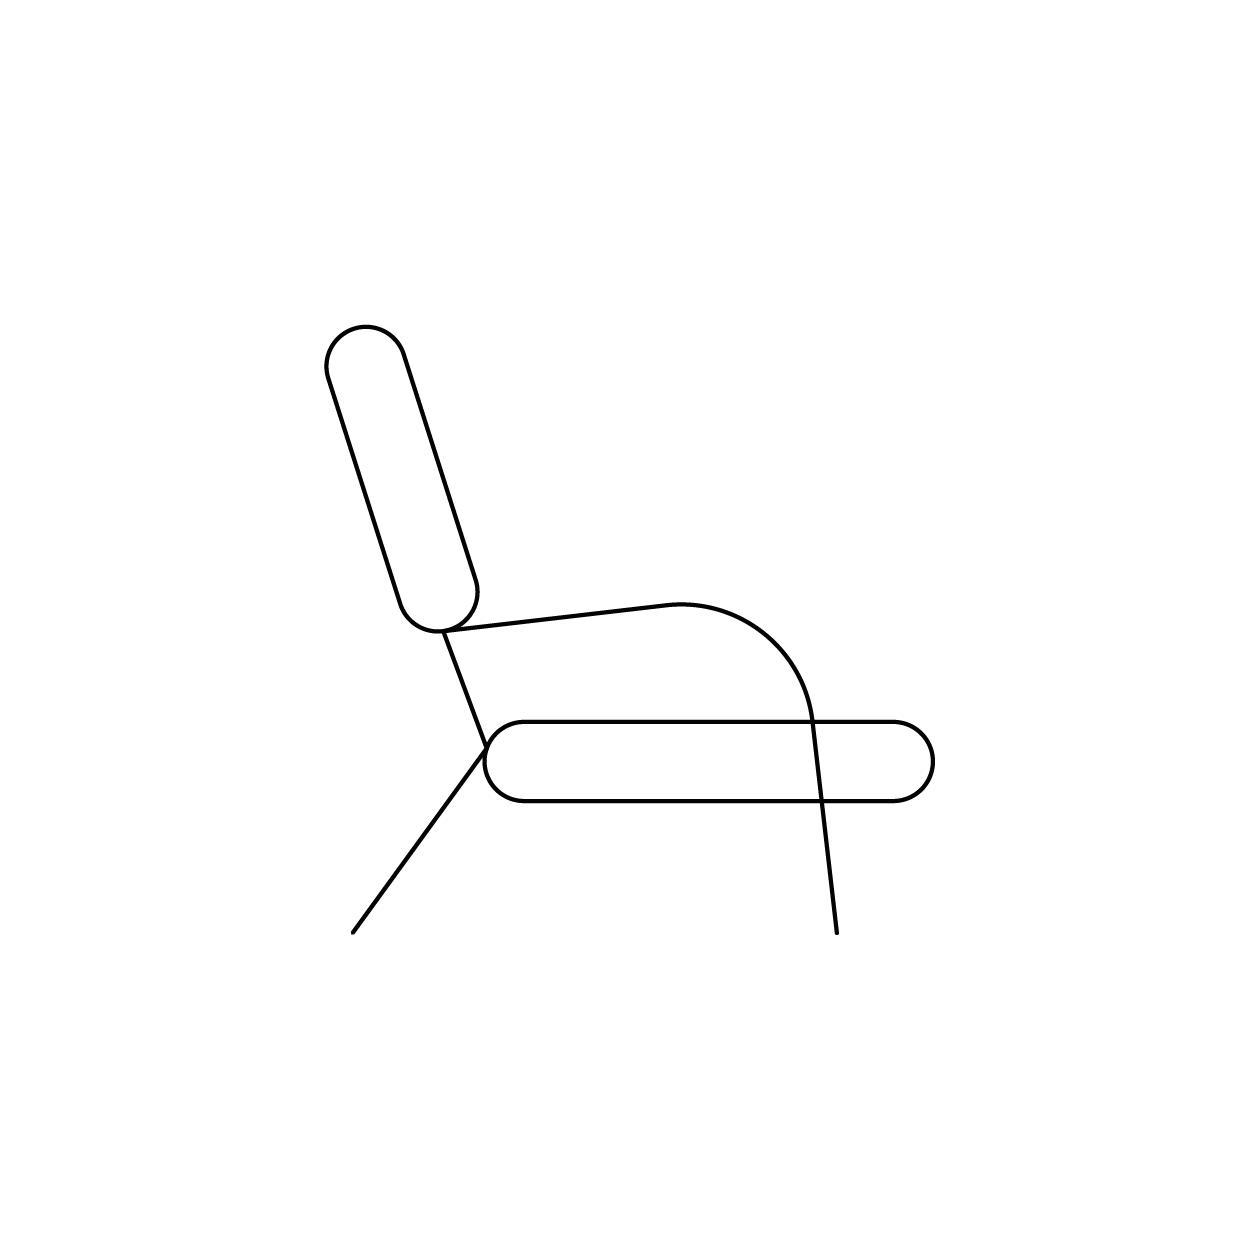 handkraft_icons_lene